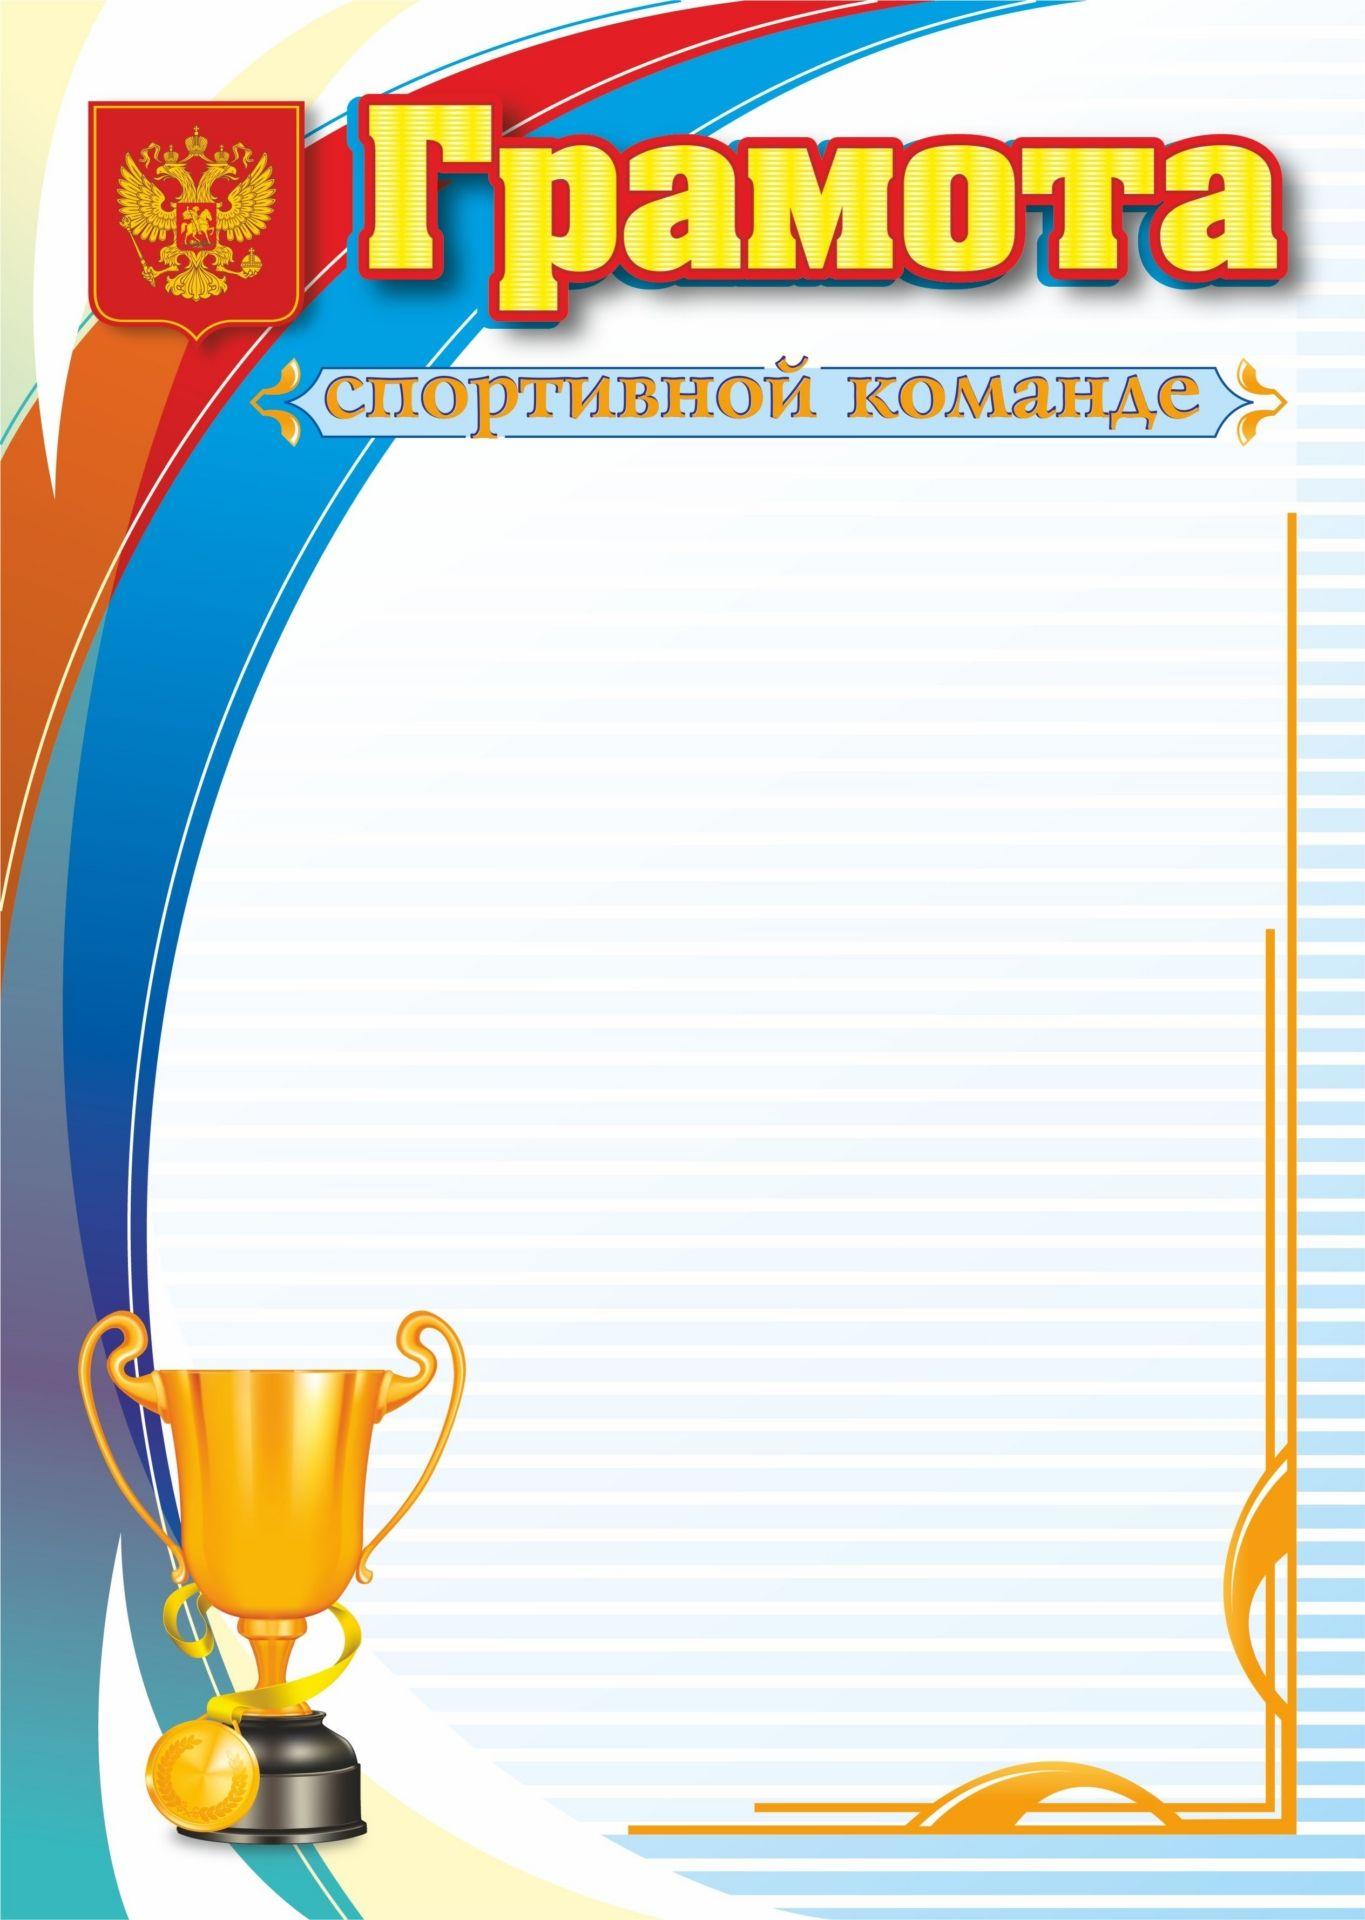 Грамота спортивной командеЗа спортивные достижения<br>Материалы:на обложку - бумага мелованная, пл. 250.00.<br><br>Год: 2017<br>Высота: 297<br>Ширина: 210